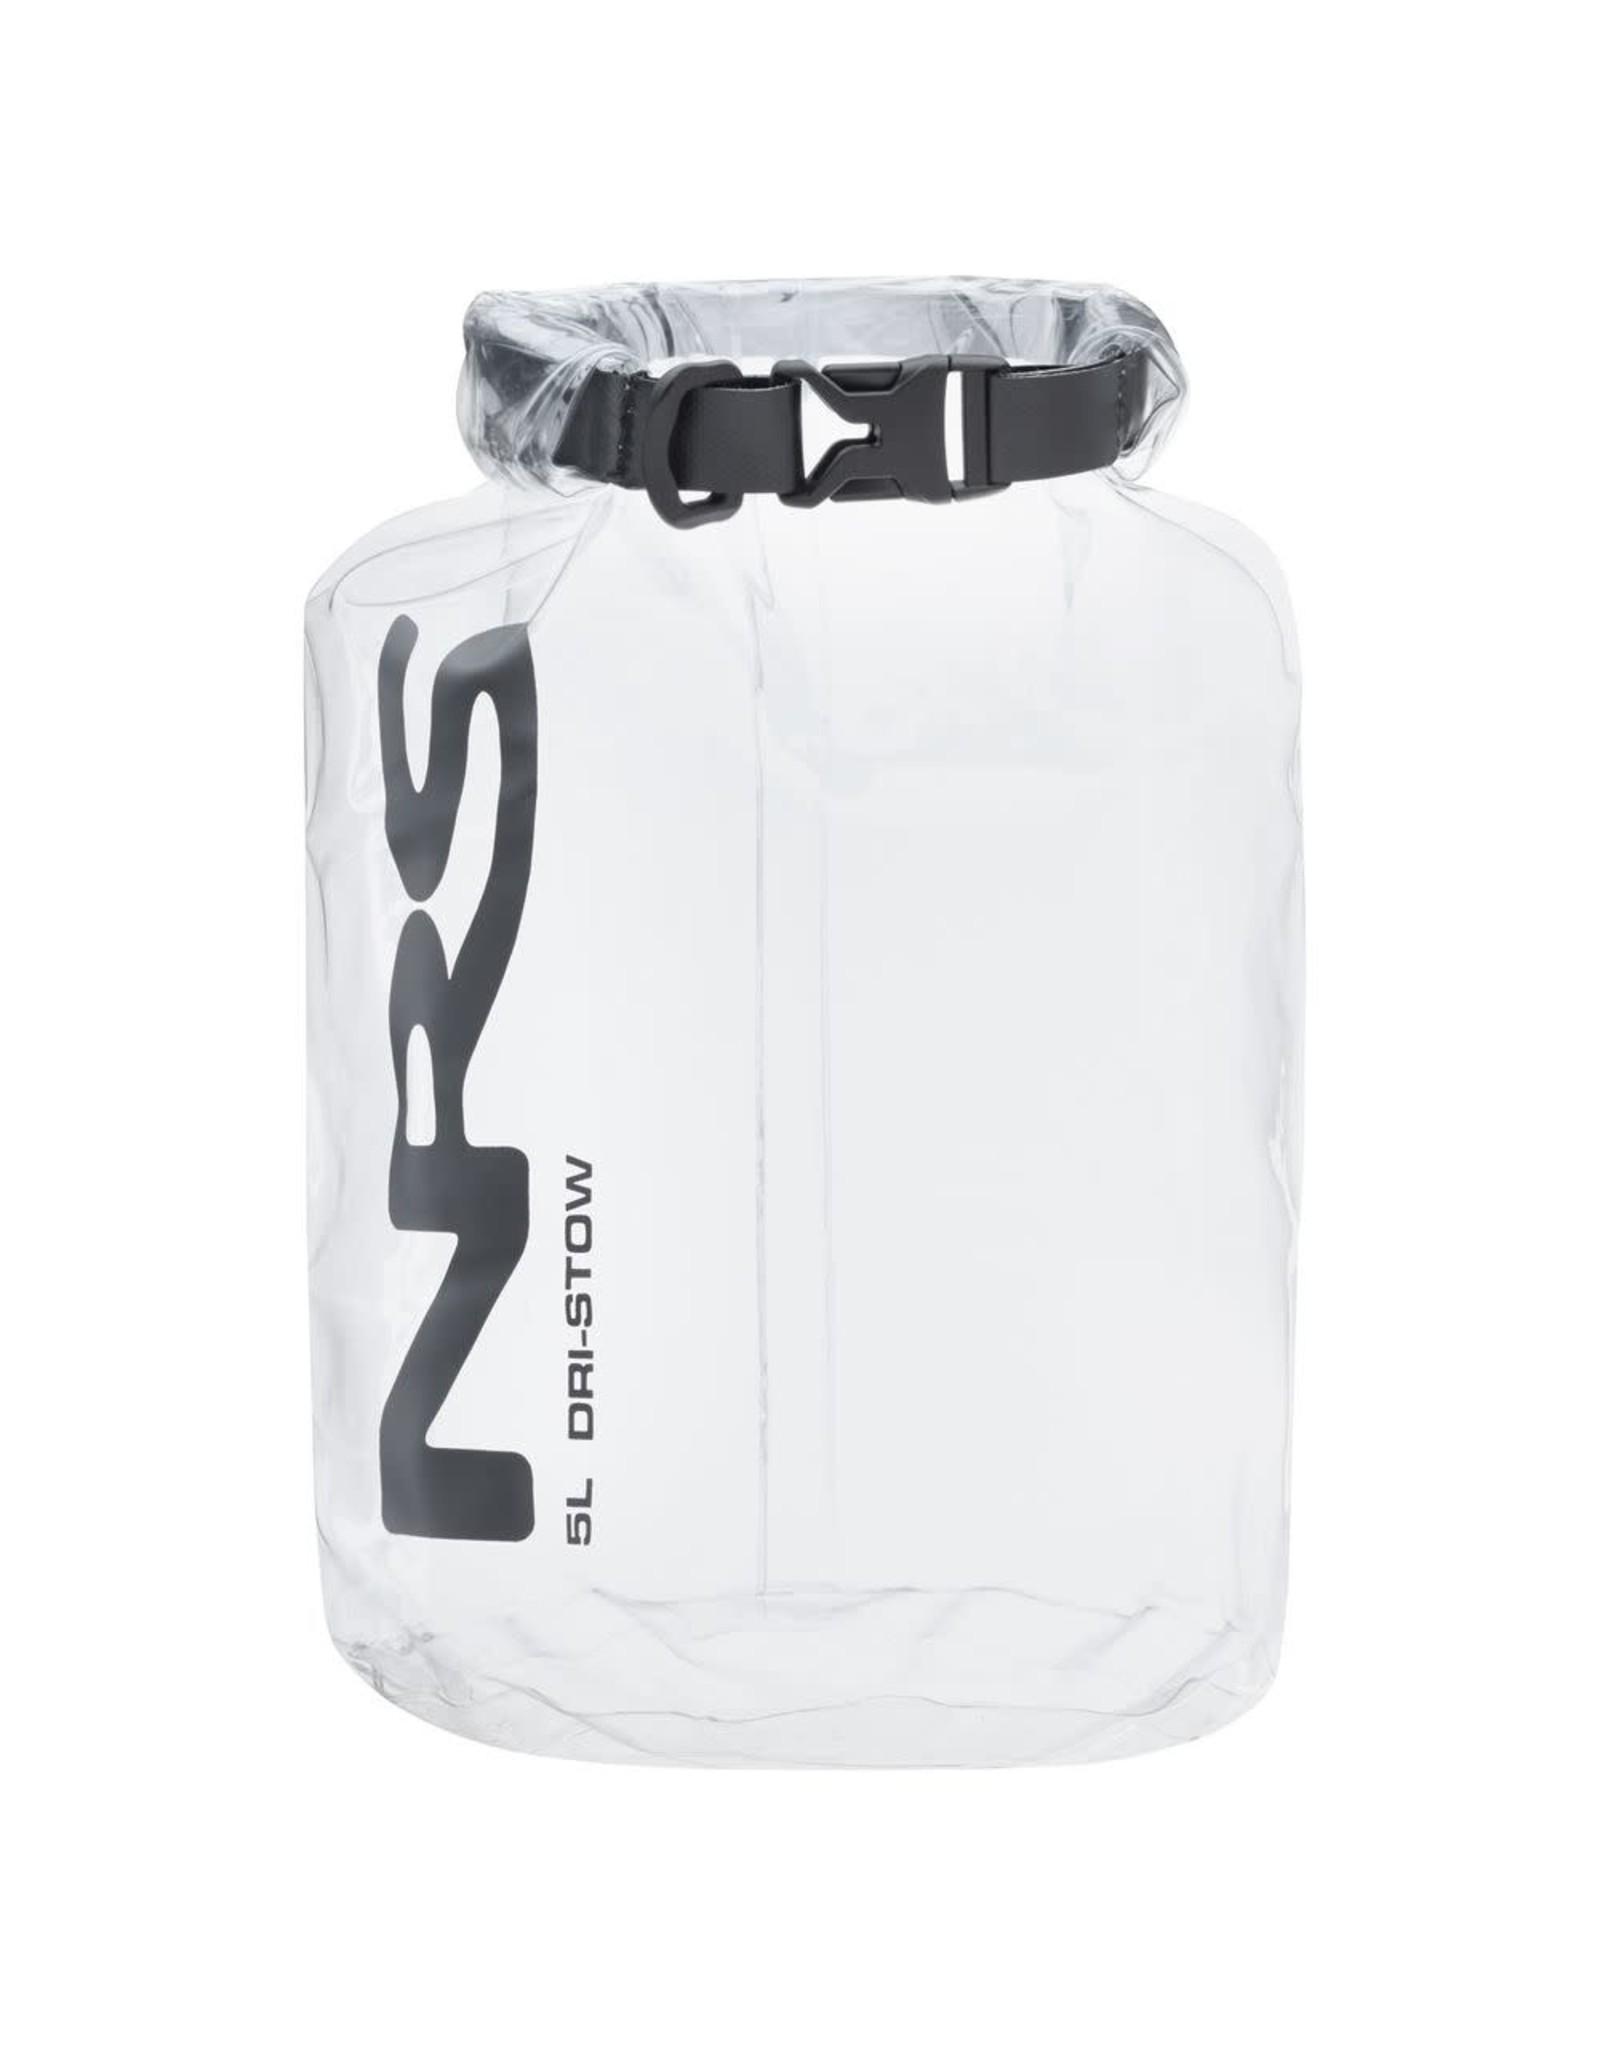 NRS NRS Dri-Stow Dry Sacks